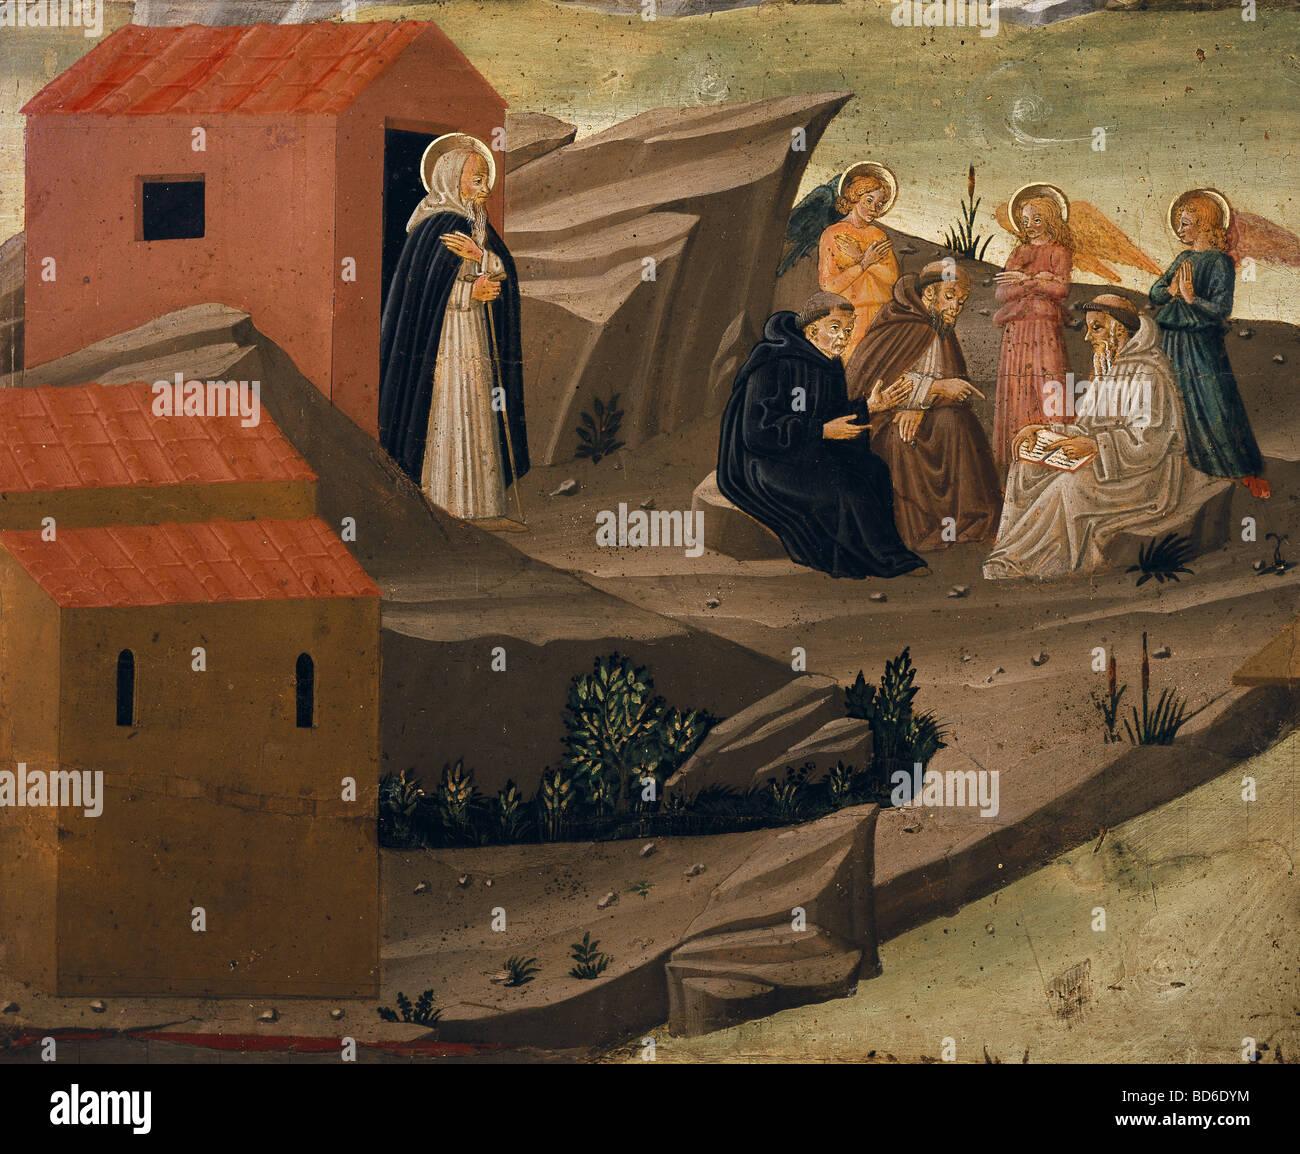 Belle arti, Medioevo, Italia, pittura, 'Scenes da la vita degli eremiti di Thebais', frammento, caseina Immagini Stock